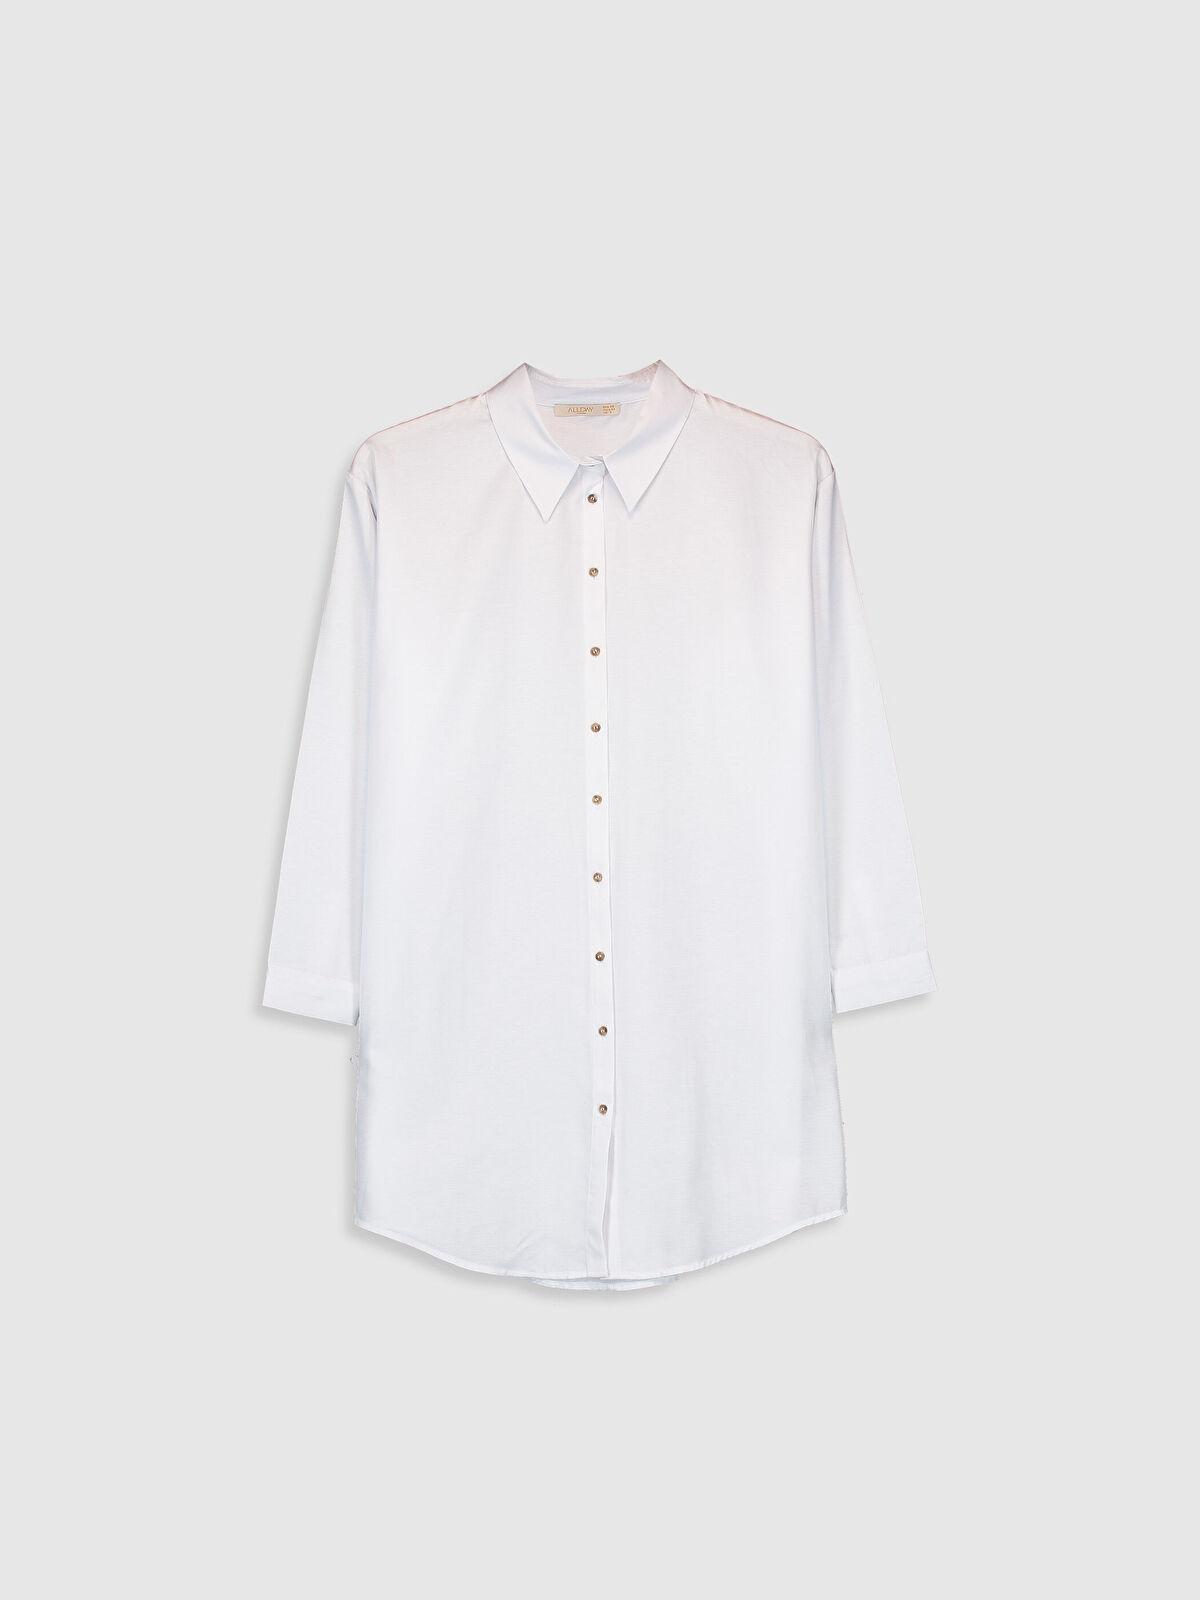 Allday Oversize Gömlek - Markalar